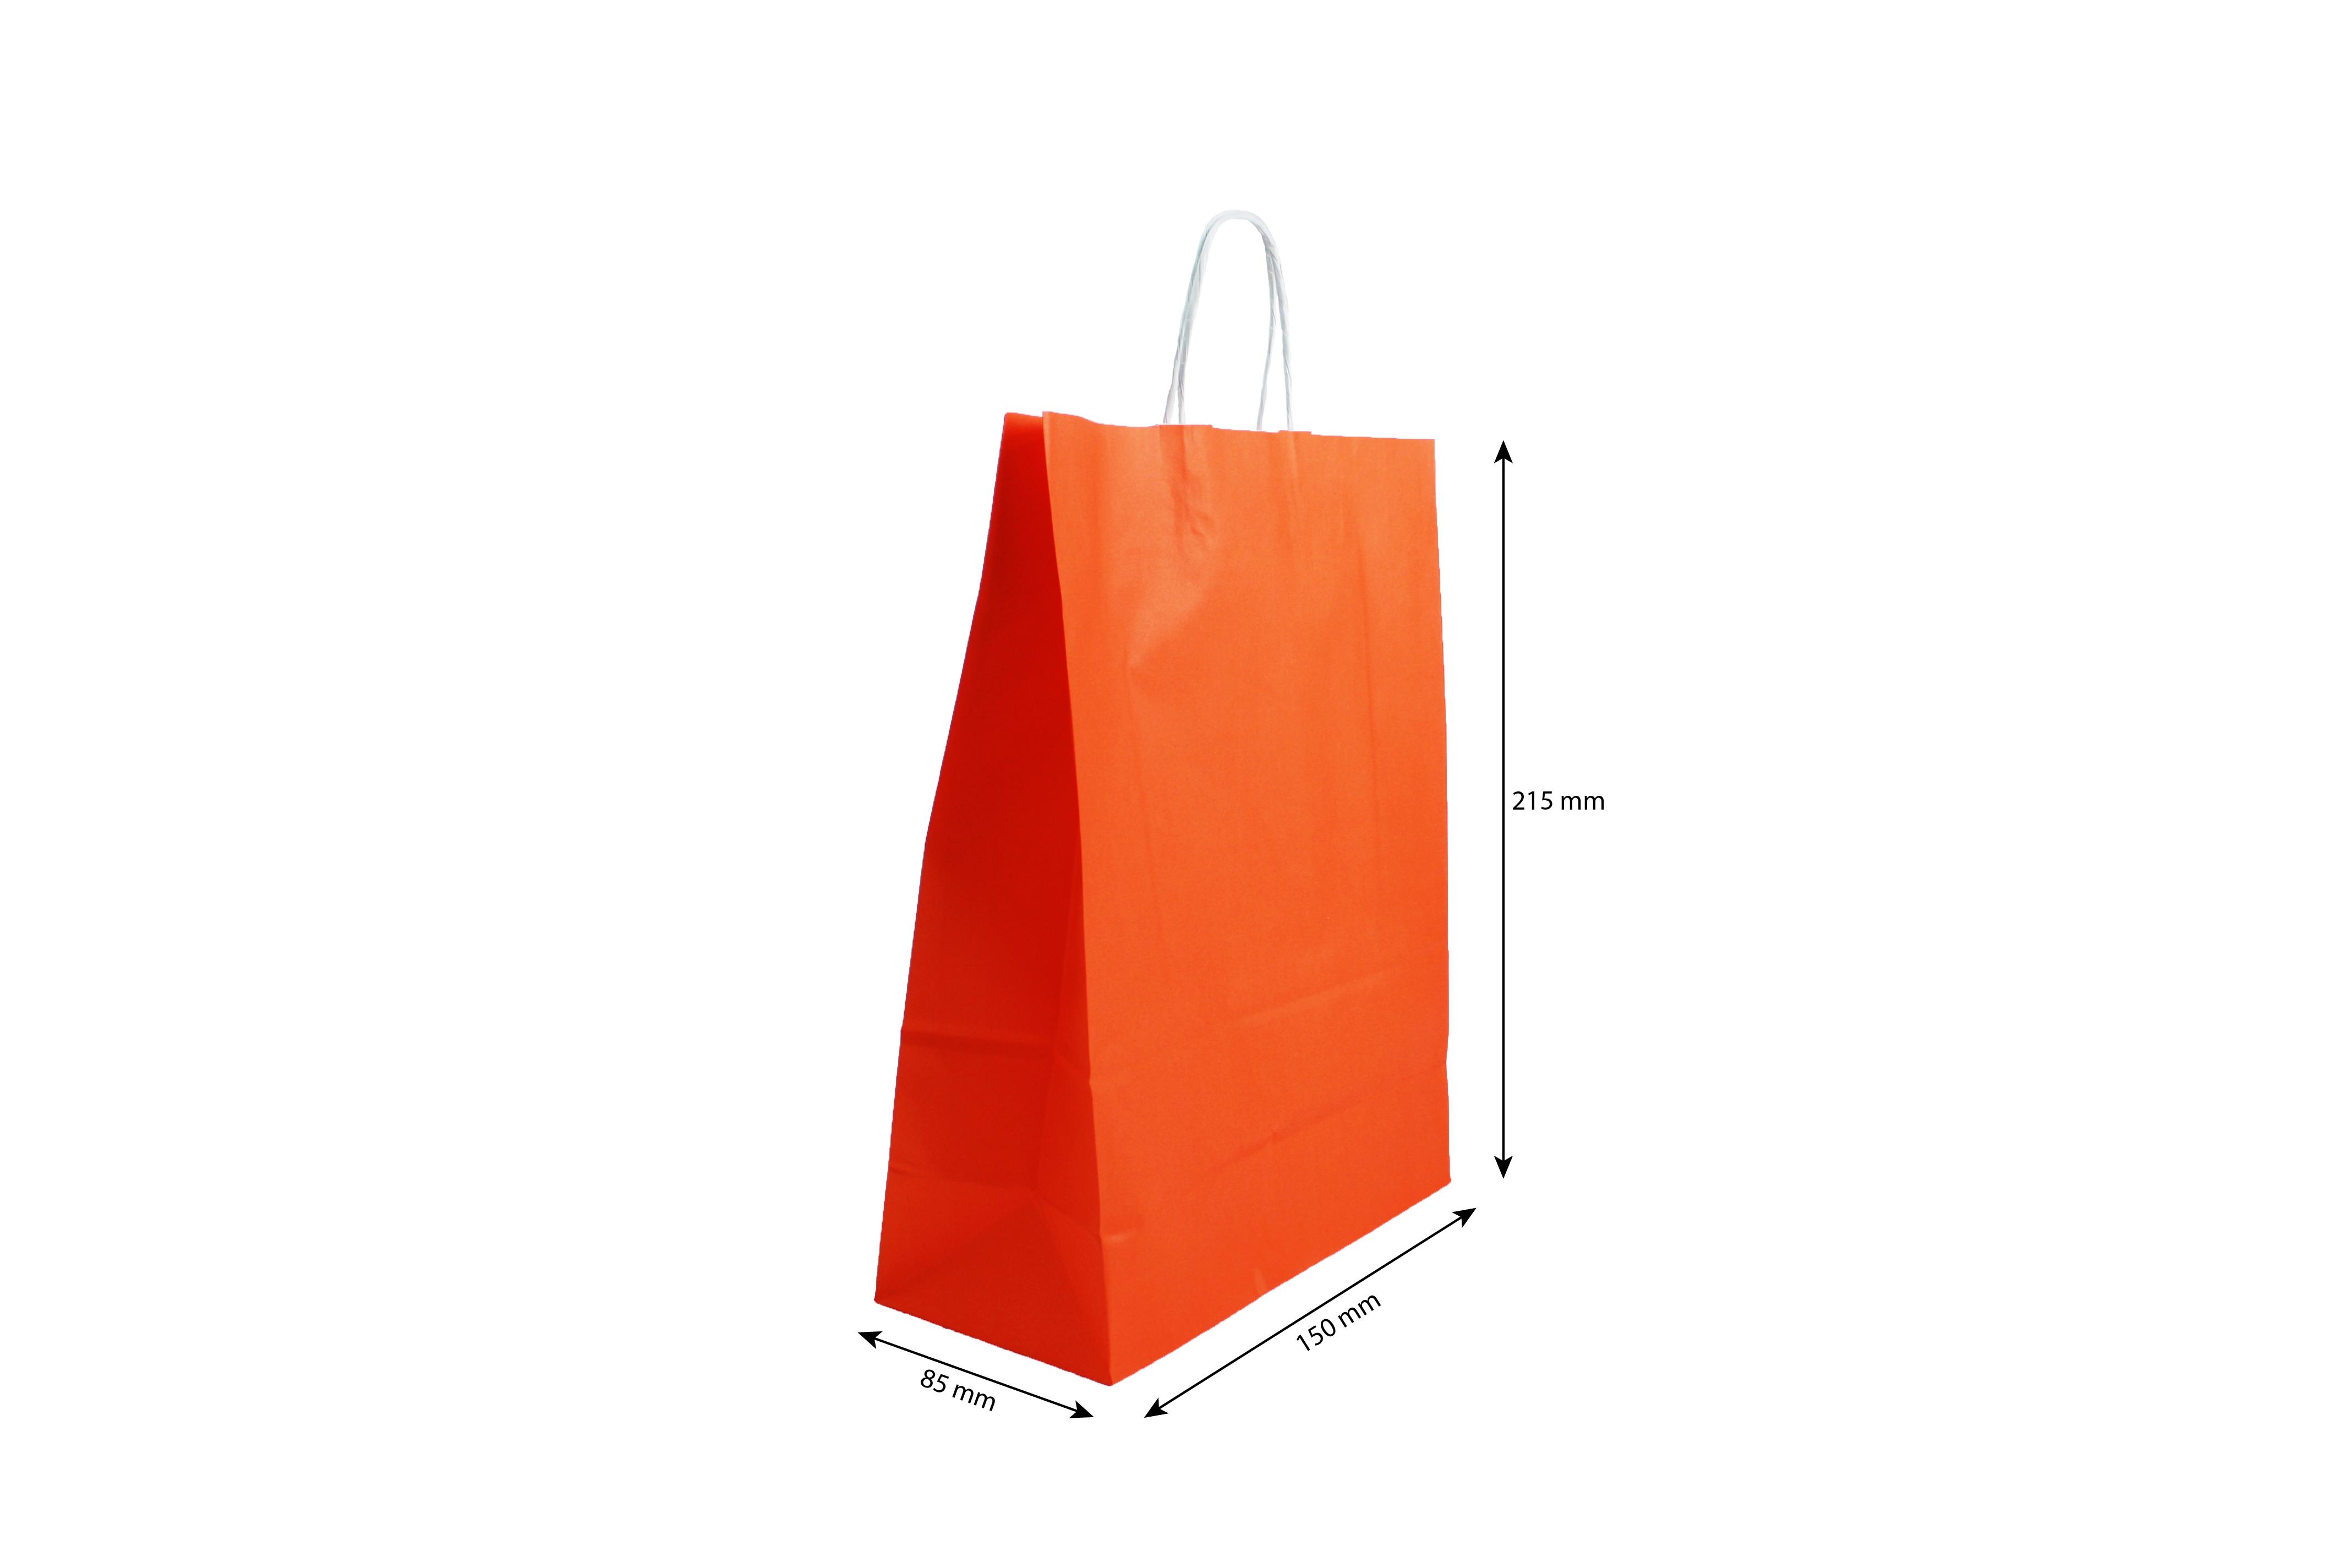 Papieren draagtasje 150 x 215 mm oranje